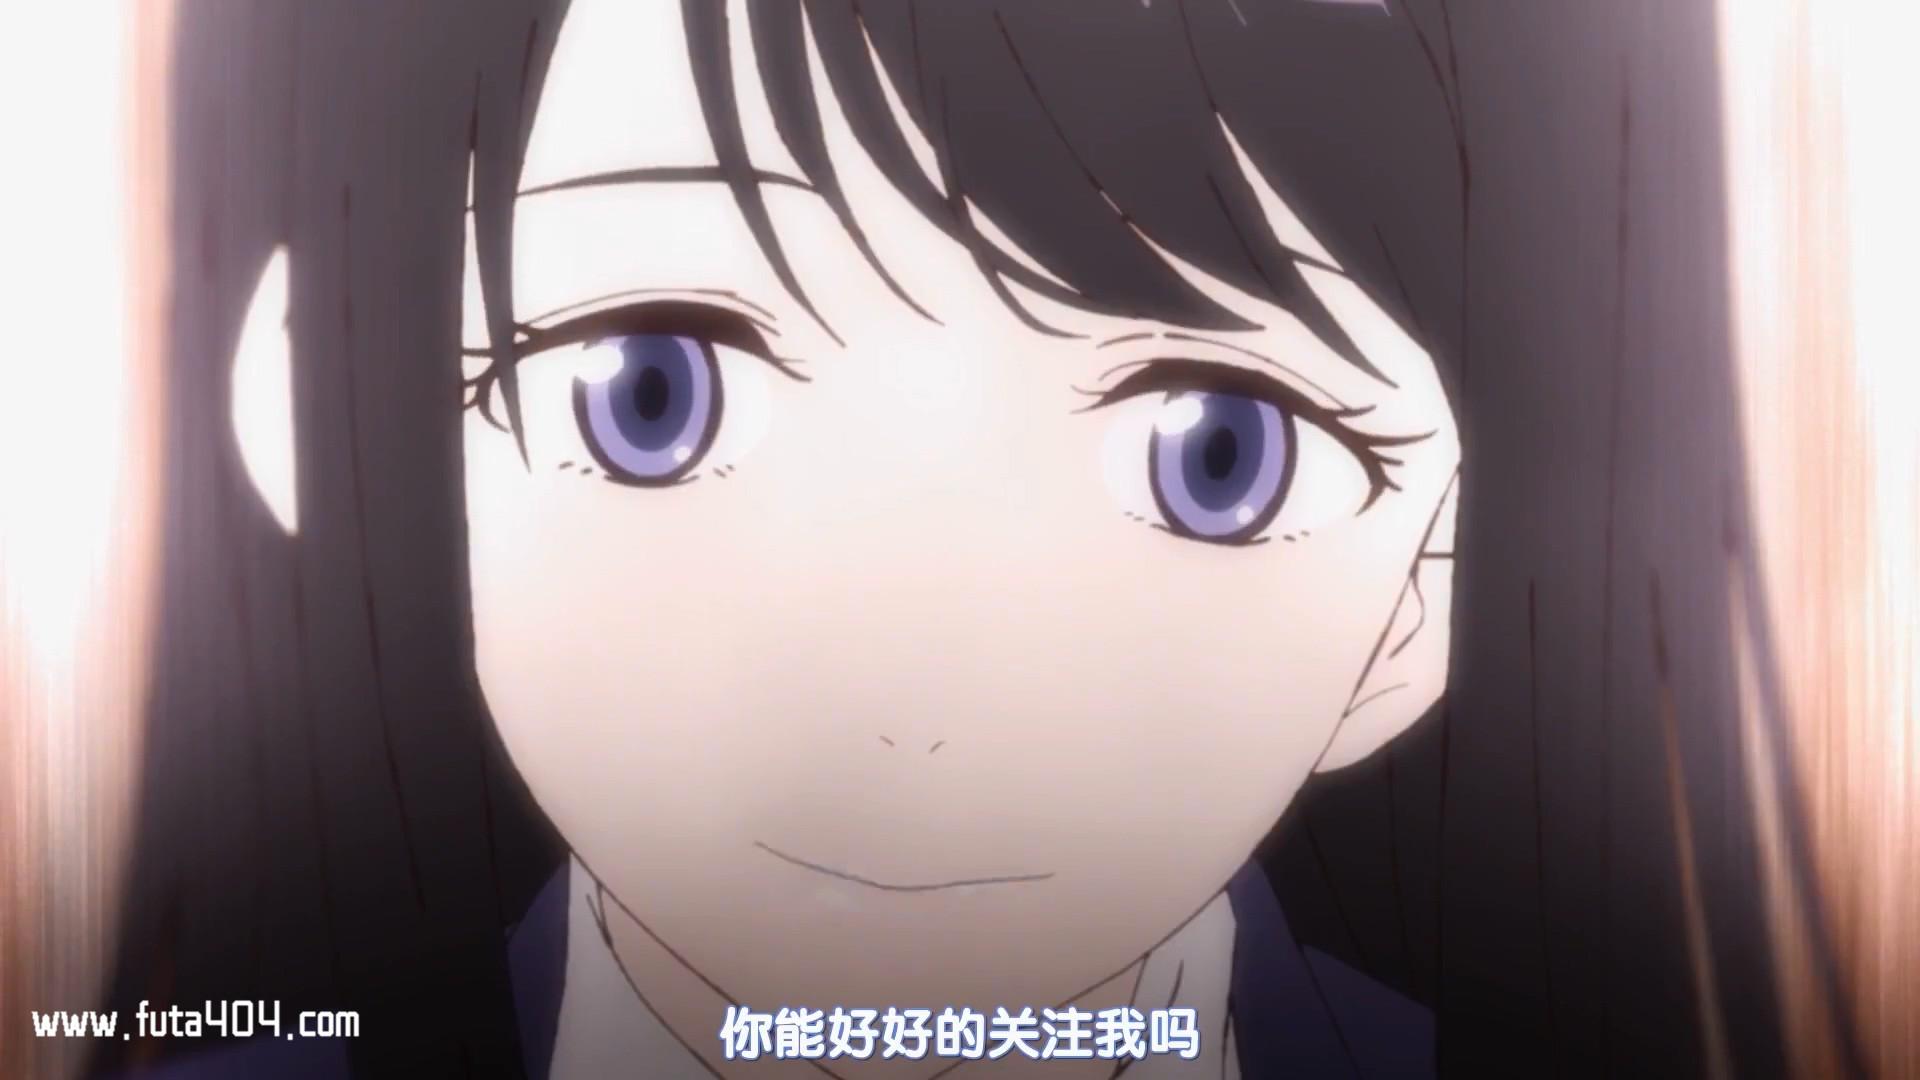 时光碎片OVA动画预告公开! 时光碎片 ACG资讯 第2张